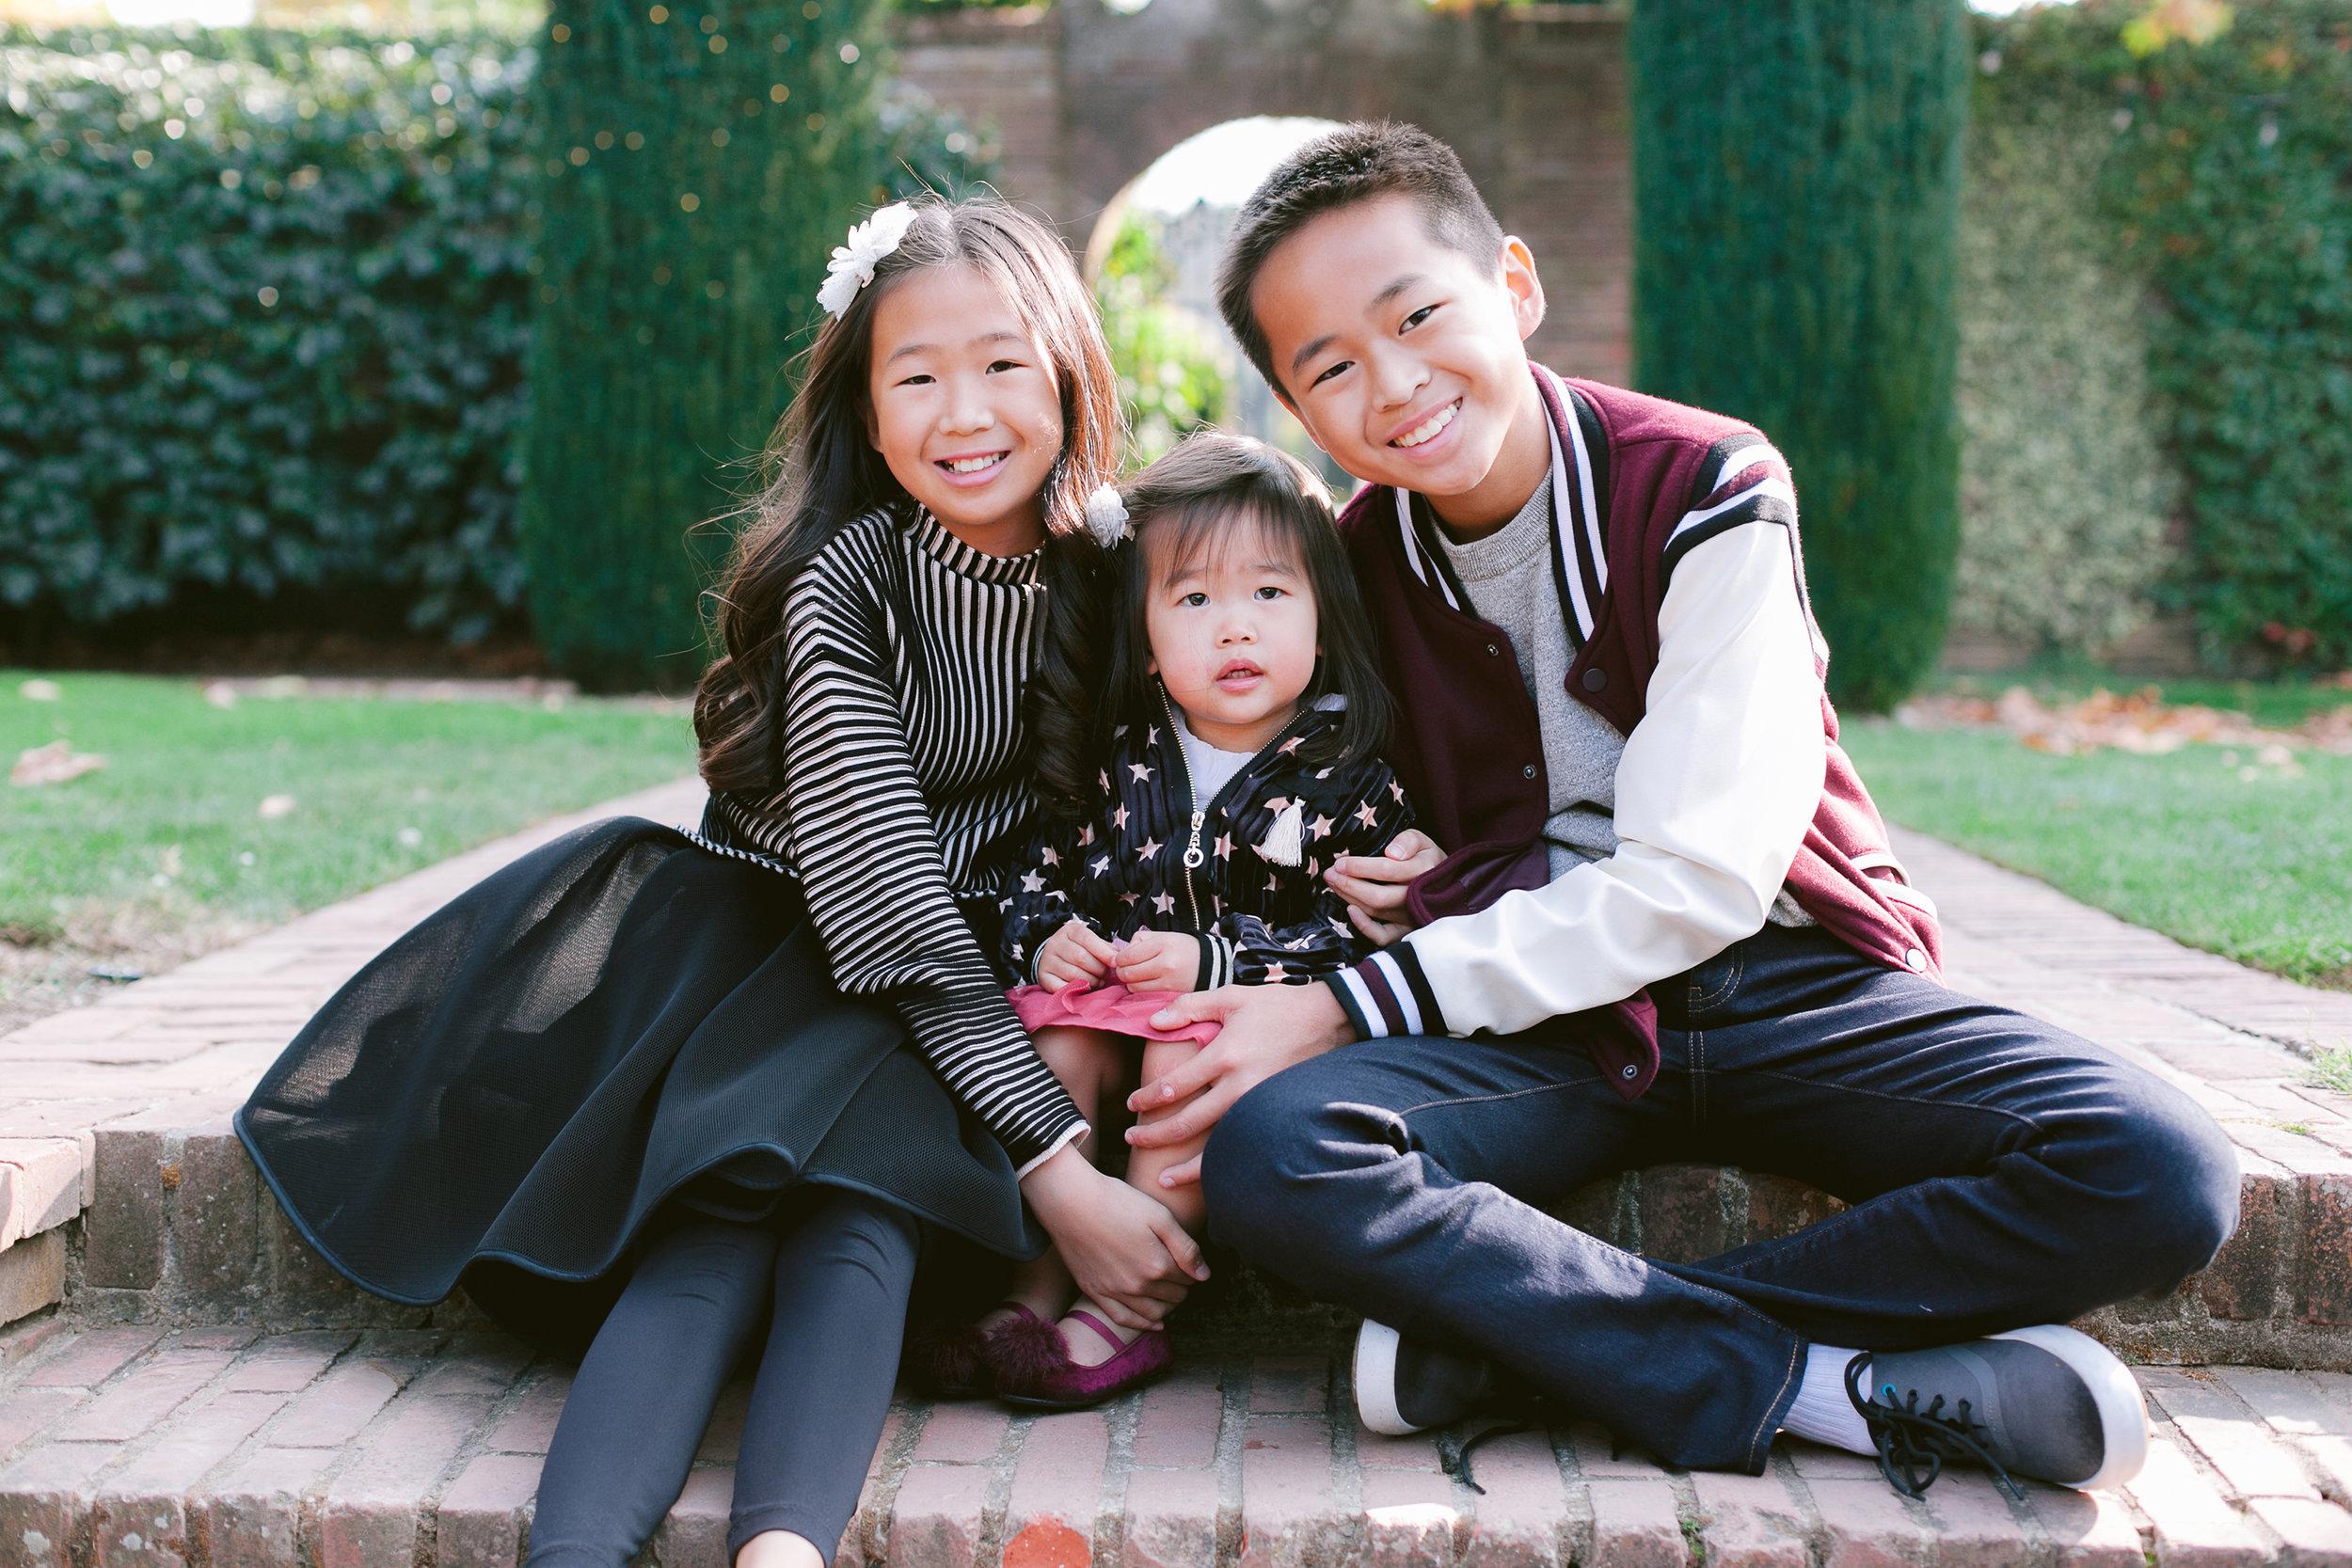 Fioli_Gardens_Woodside_Children_and_Family_Portrait_009.jpg